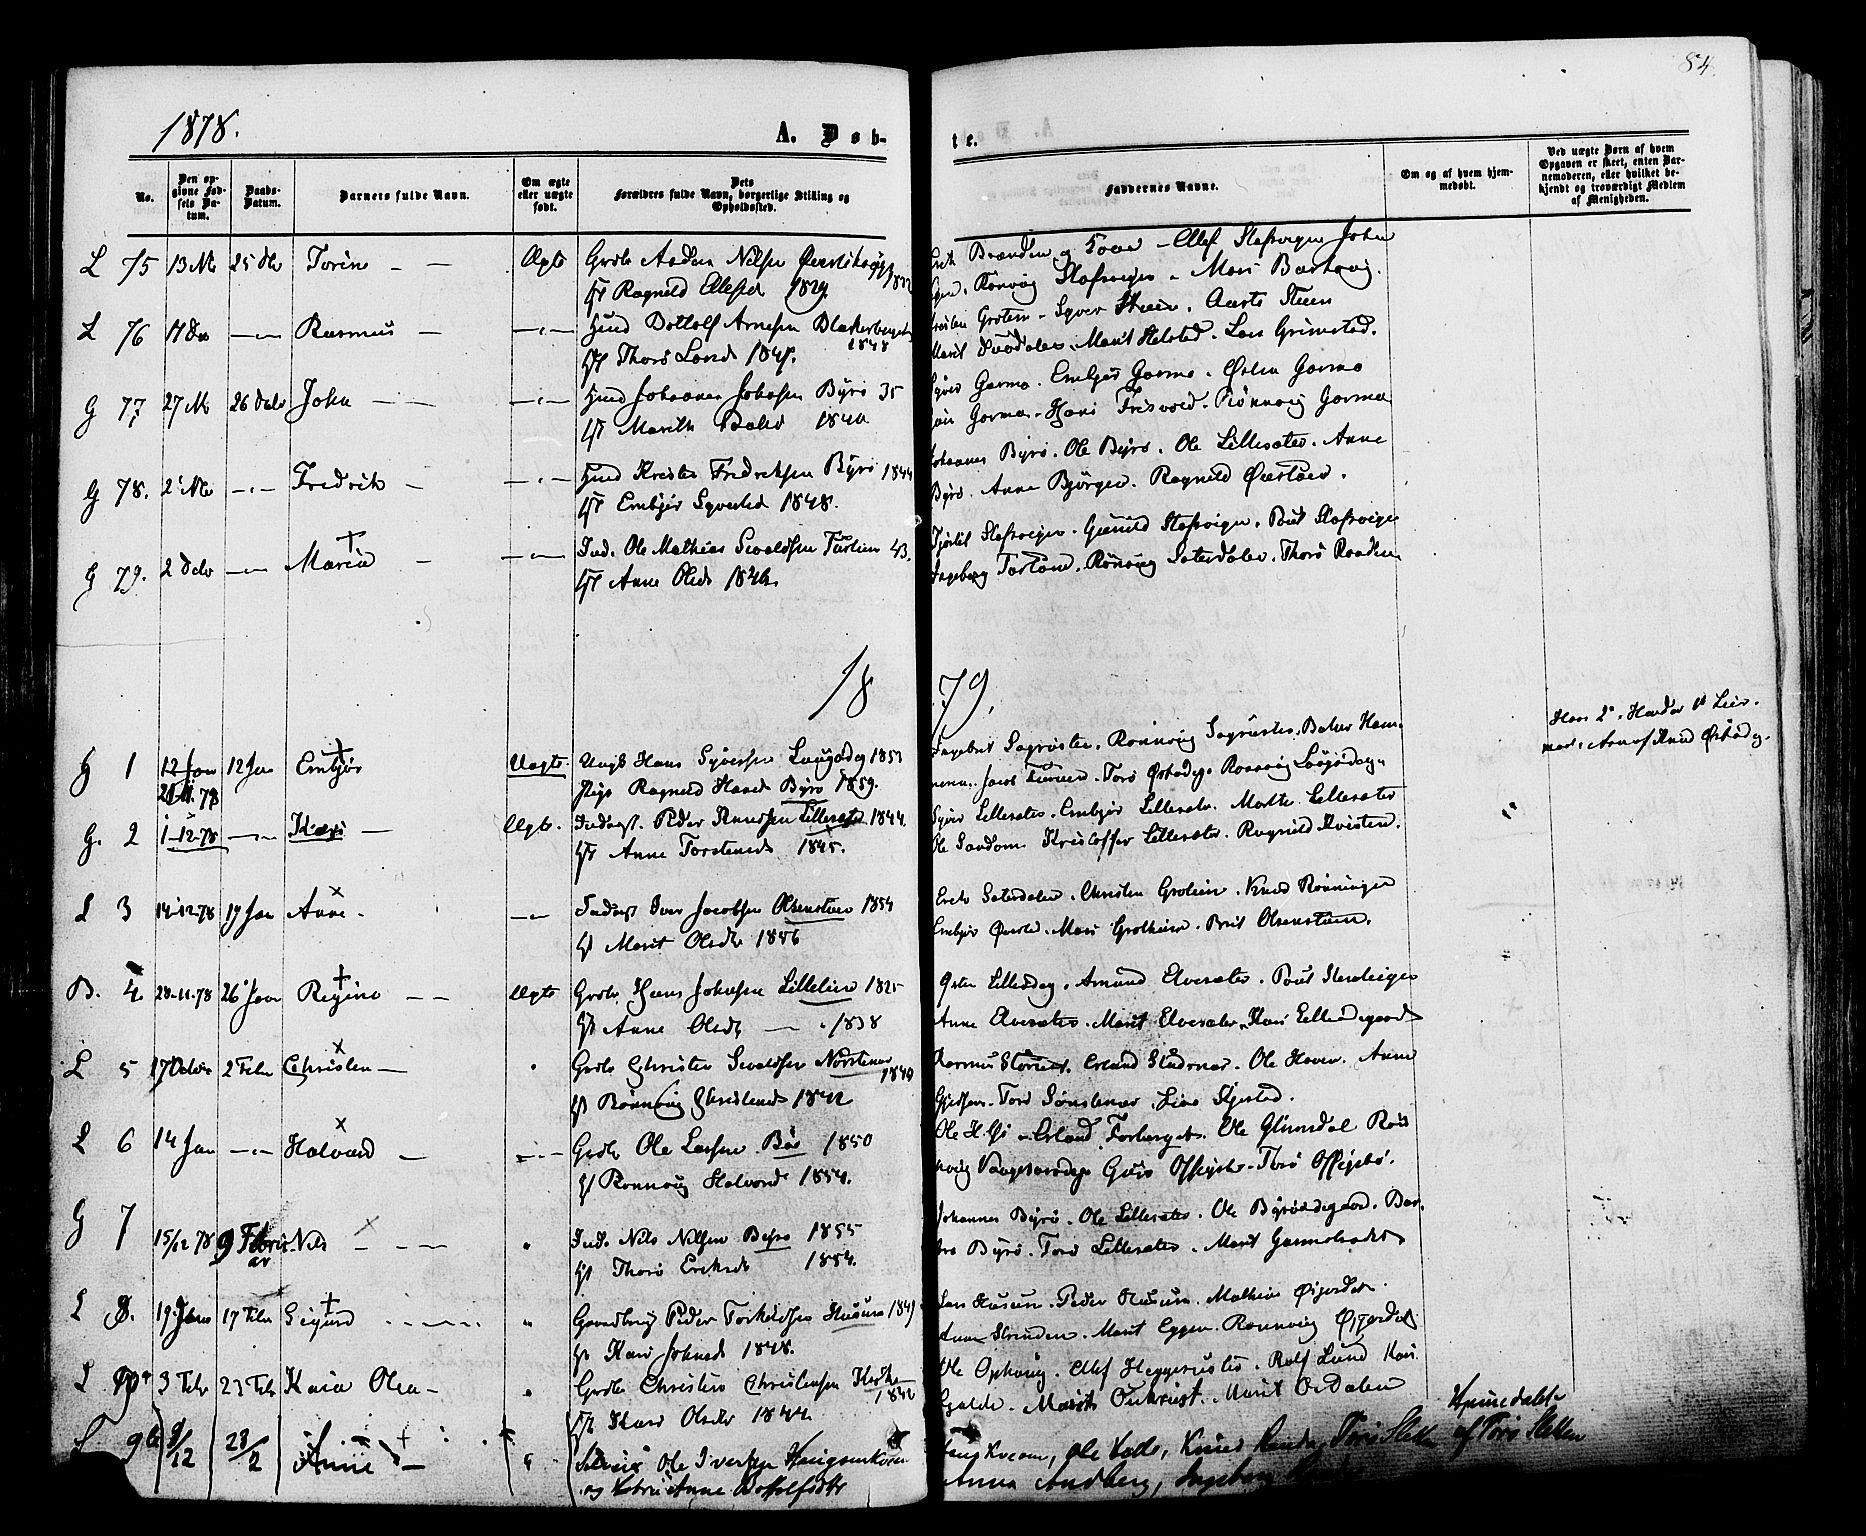 SAH, Lom prestekontor, K/L0007: Ministerialbok nr. 7, 1863-1884, s. 84